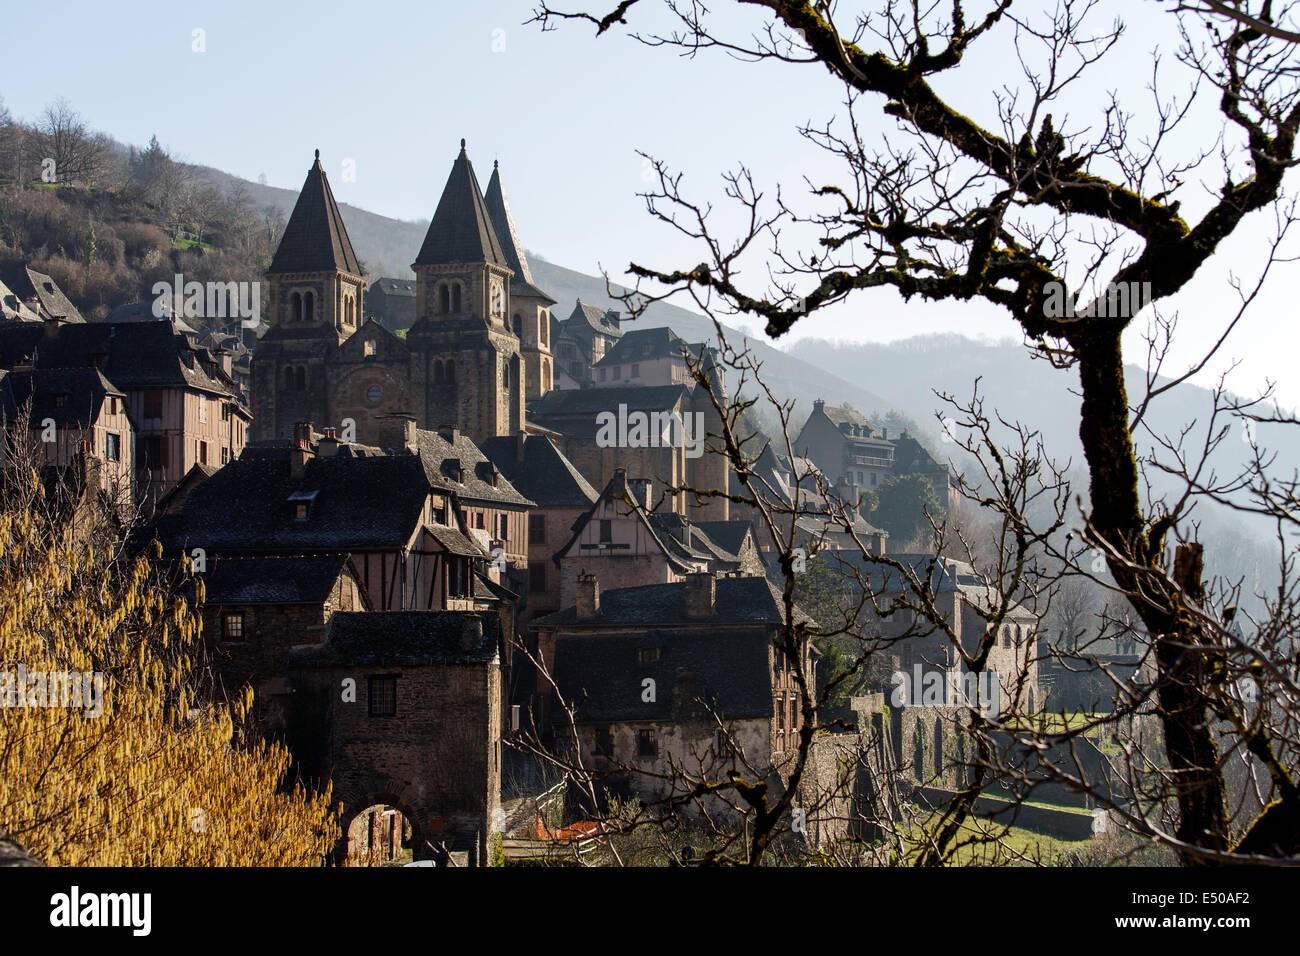 Saint James Way Conques Concas medieval village France - Stock Image